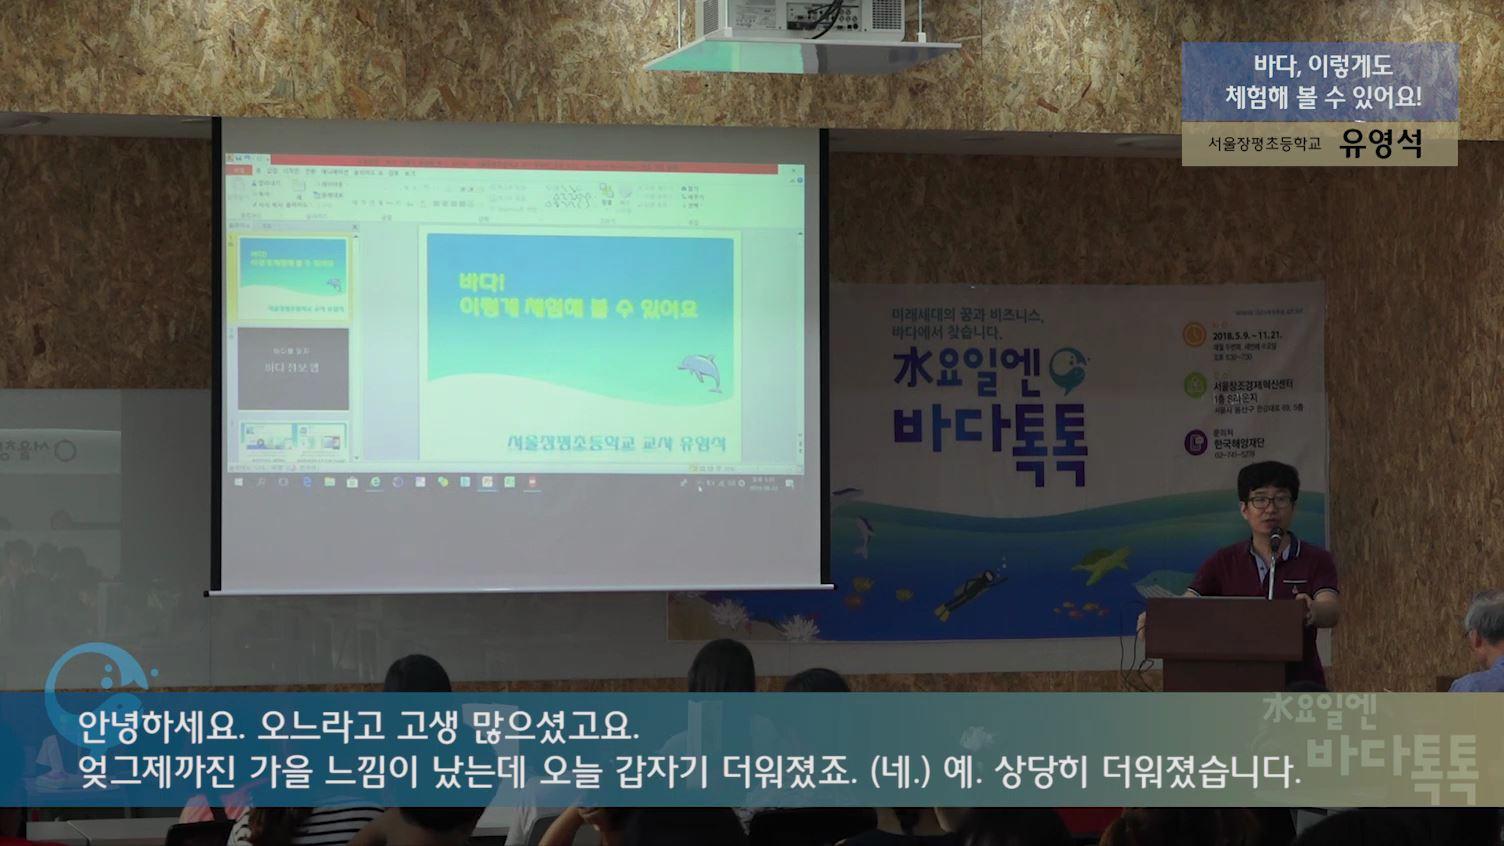 서울 8회 도입강연